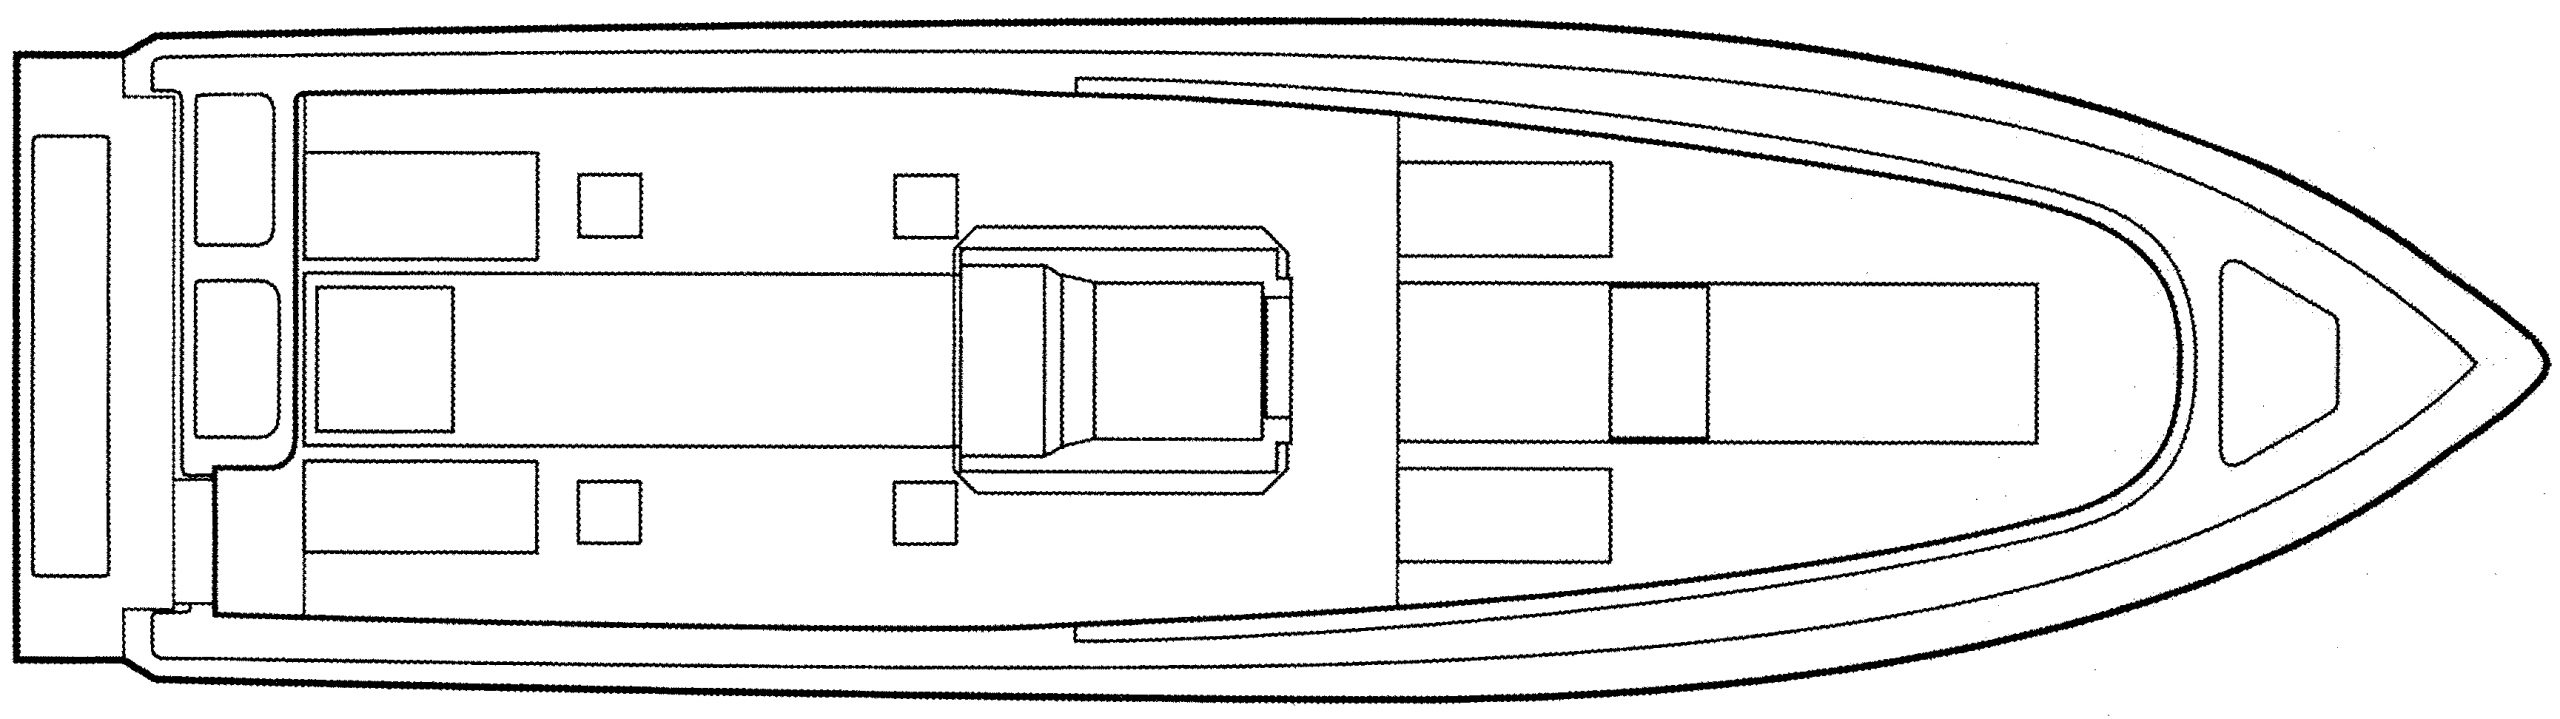 36 Open Floor Plan 2